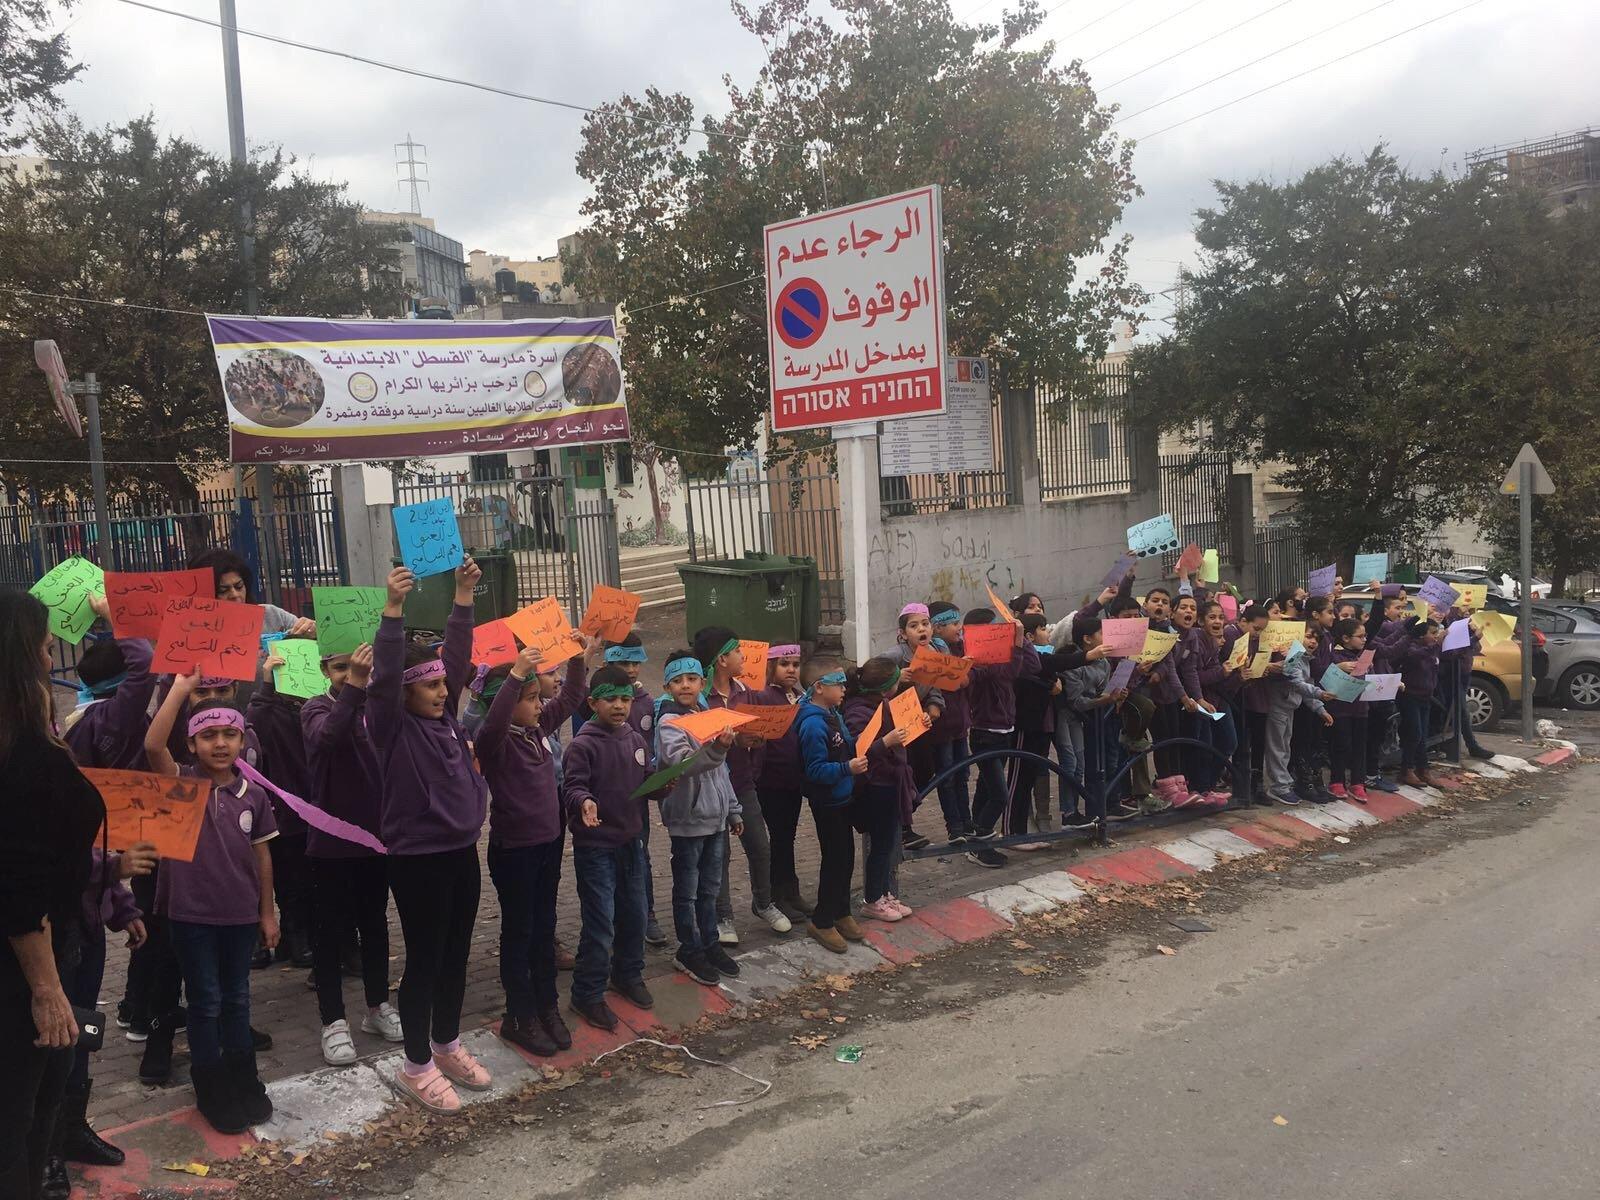 مدرسة القسطل الابتدائية في الناصرة تنبذ العنف وتشجع الحوار